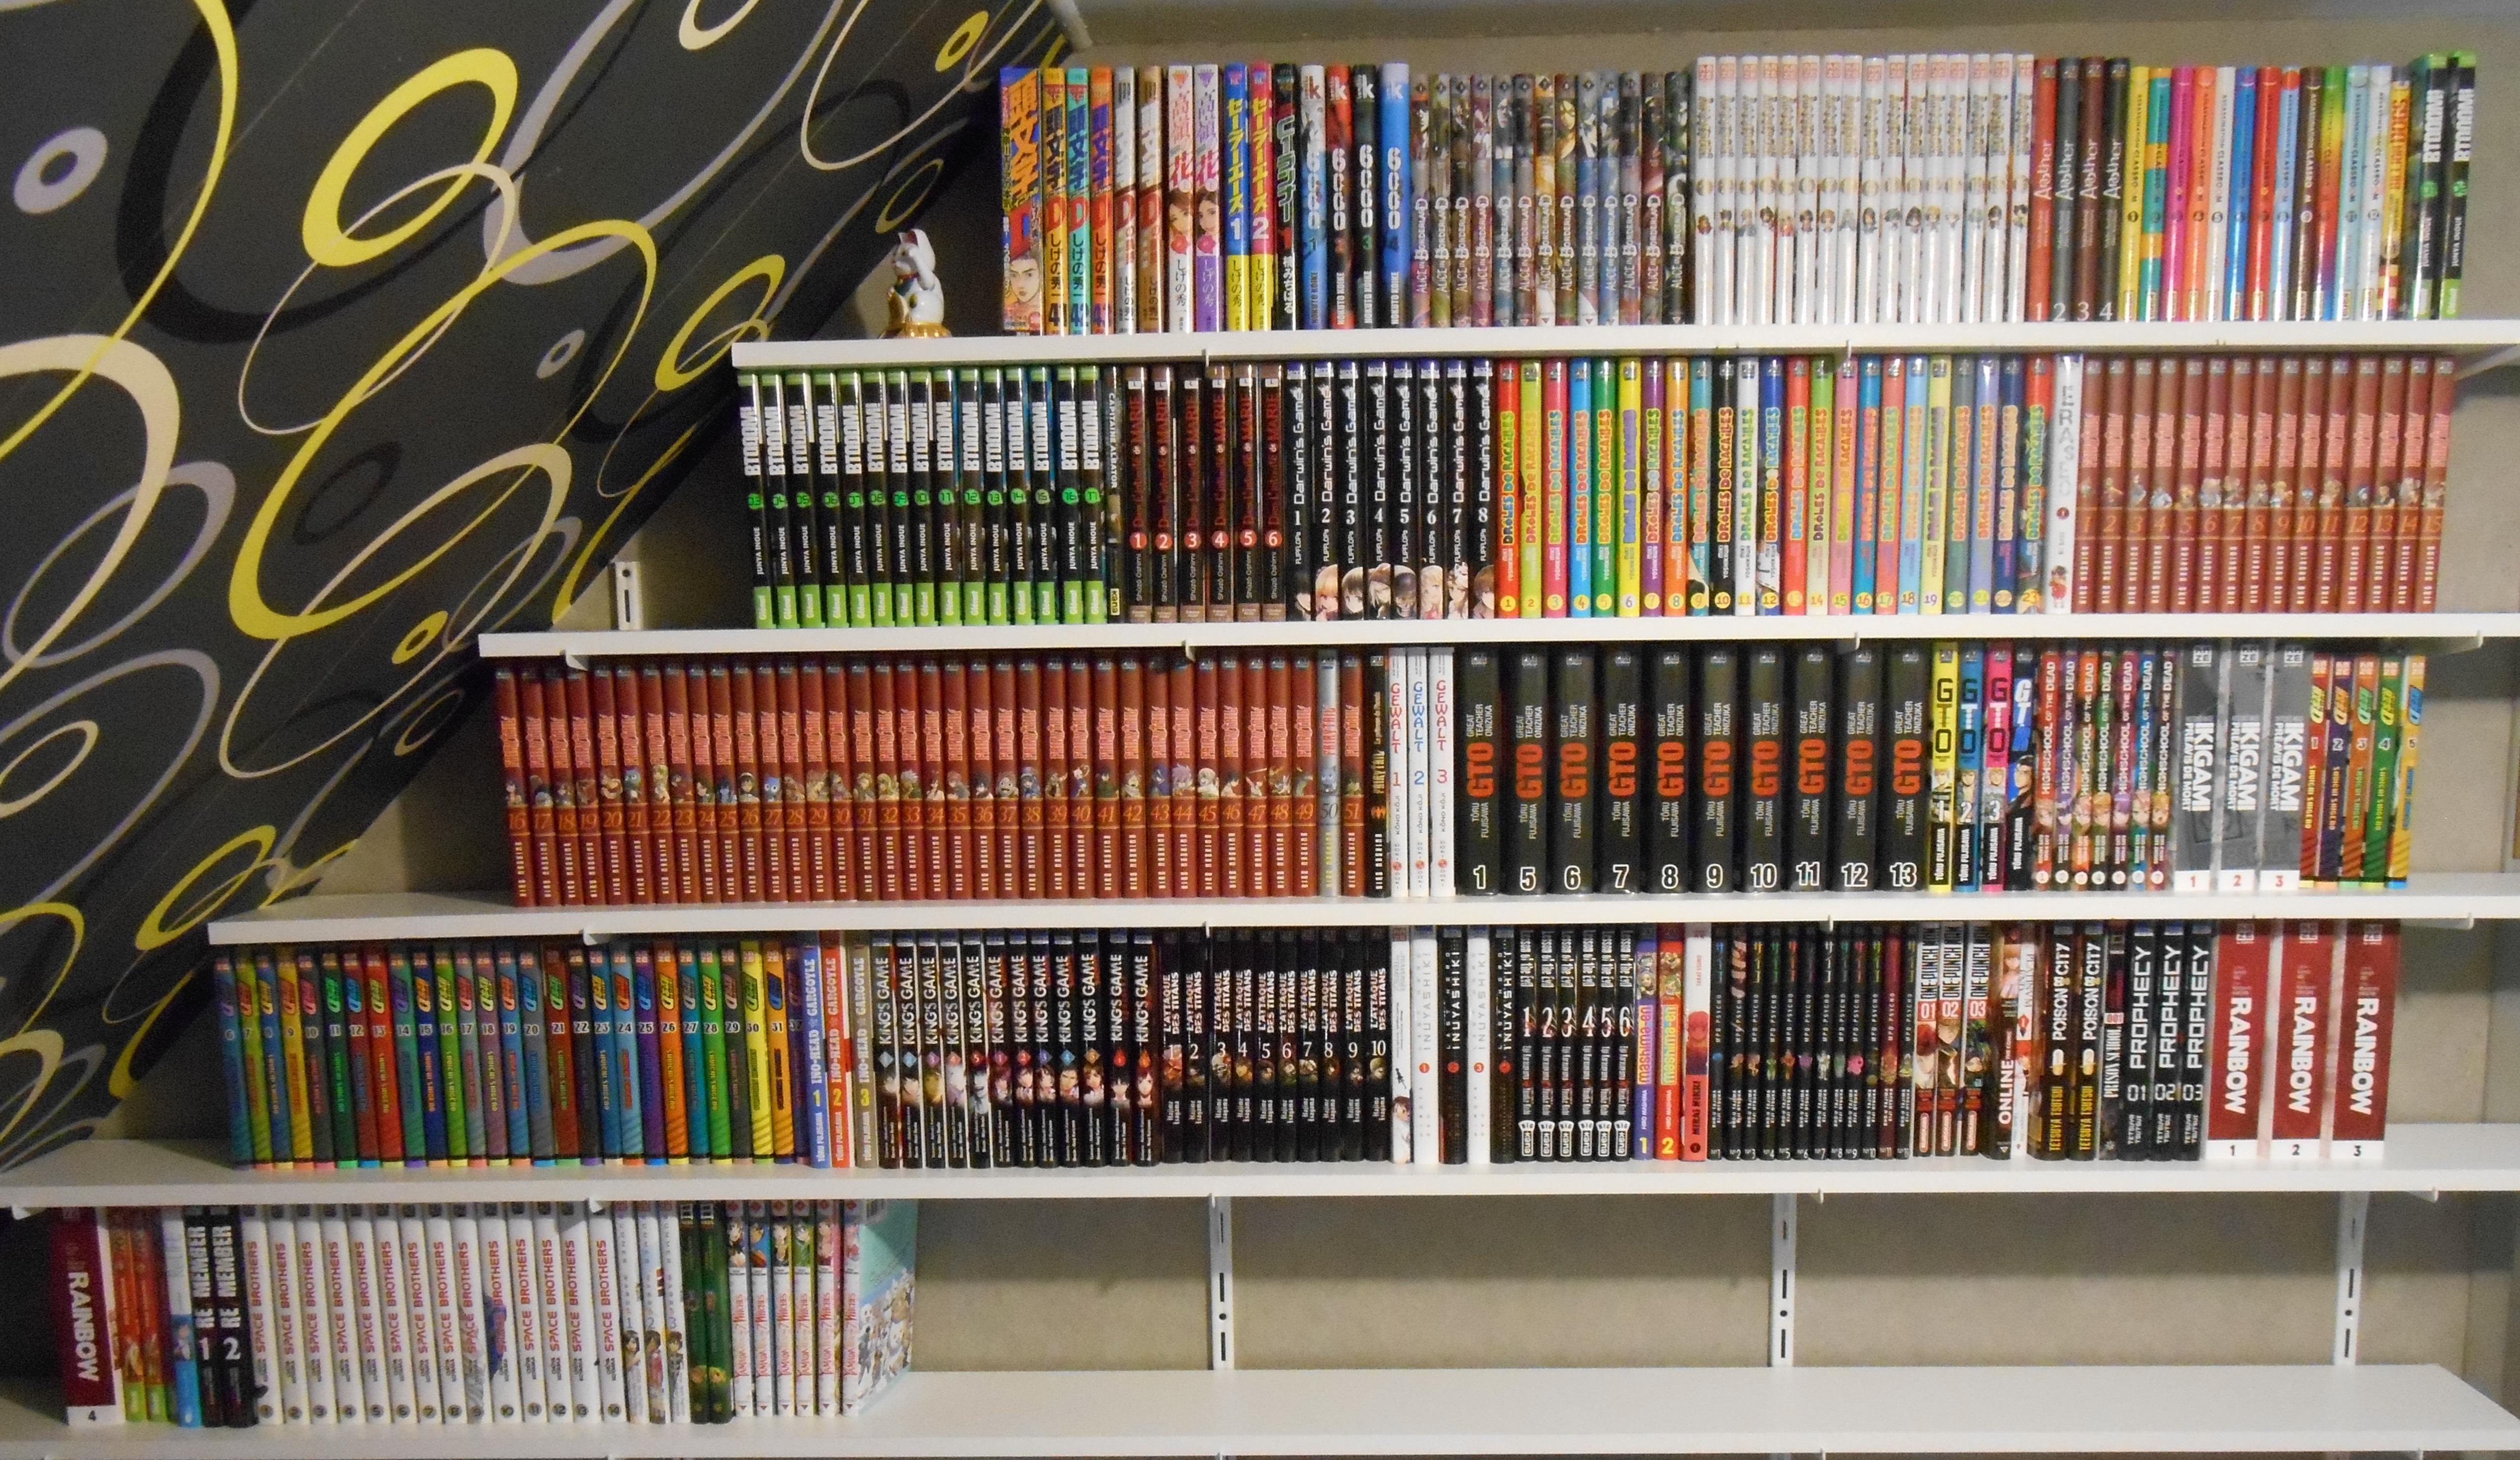 meubles pour ranger ses livres et mangas sur le forum bd. Black Bedroom Furniture Sets. Home Design Ideas